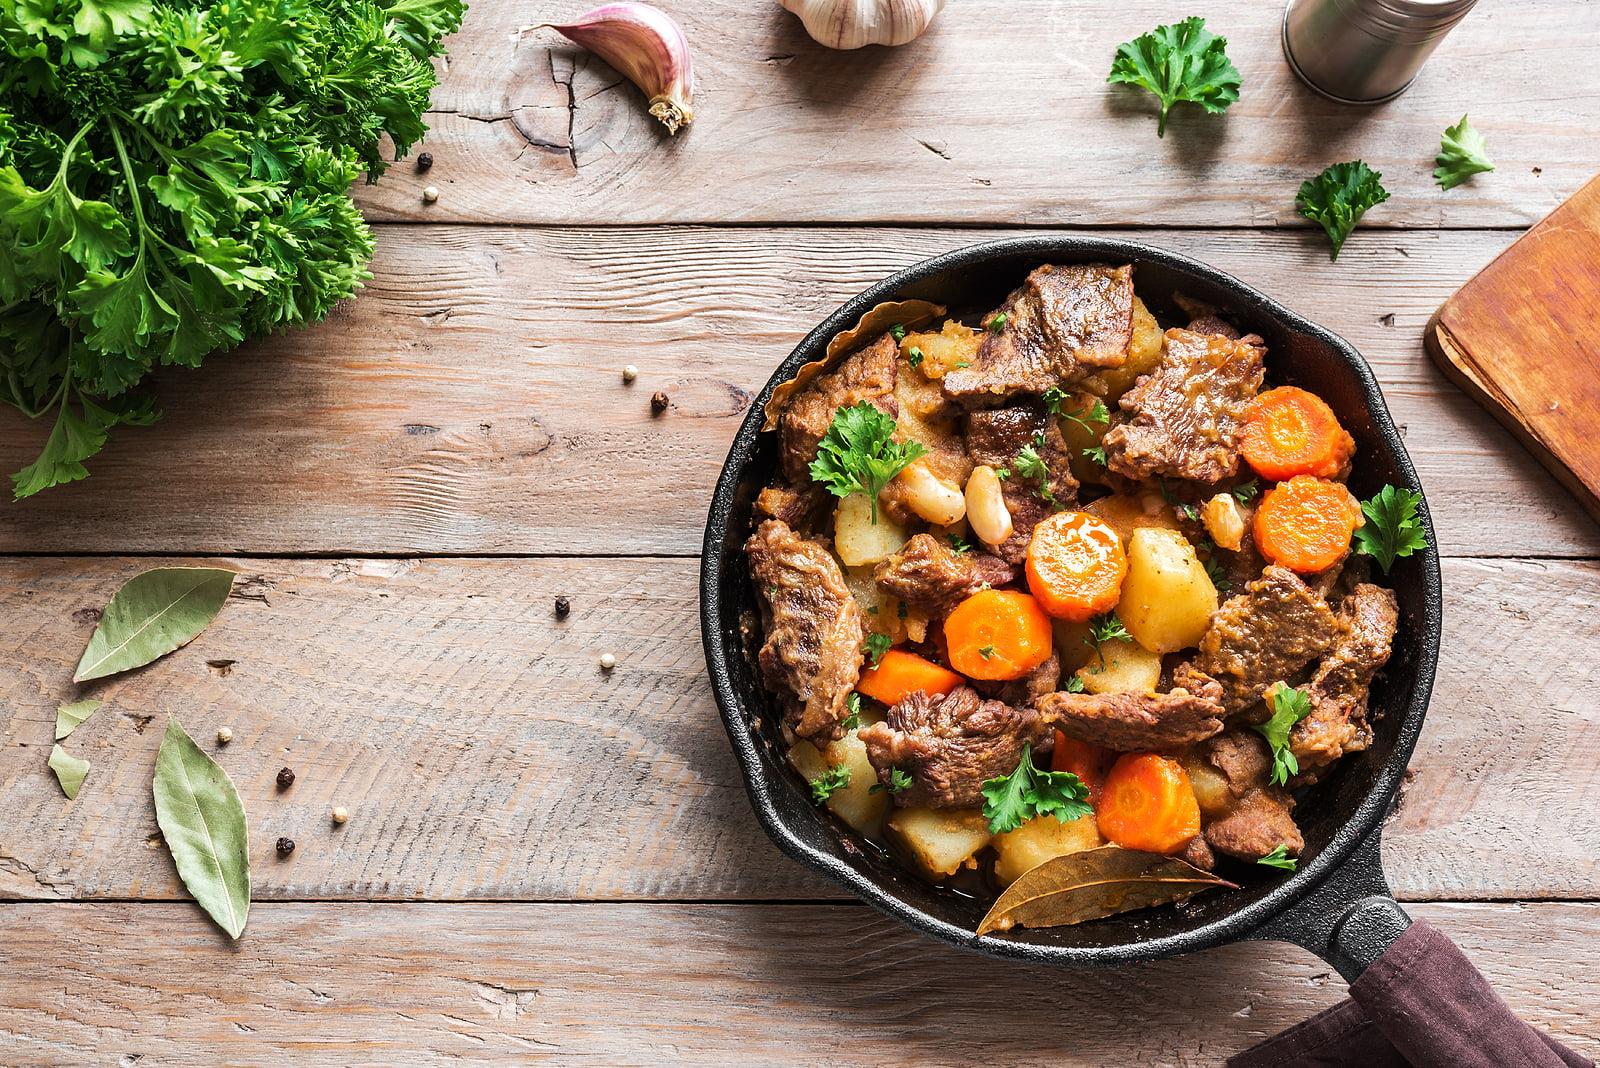 A healthy version of Sur La Table's hearty beef stew